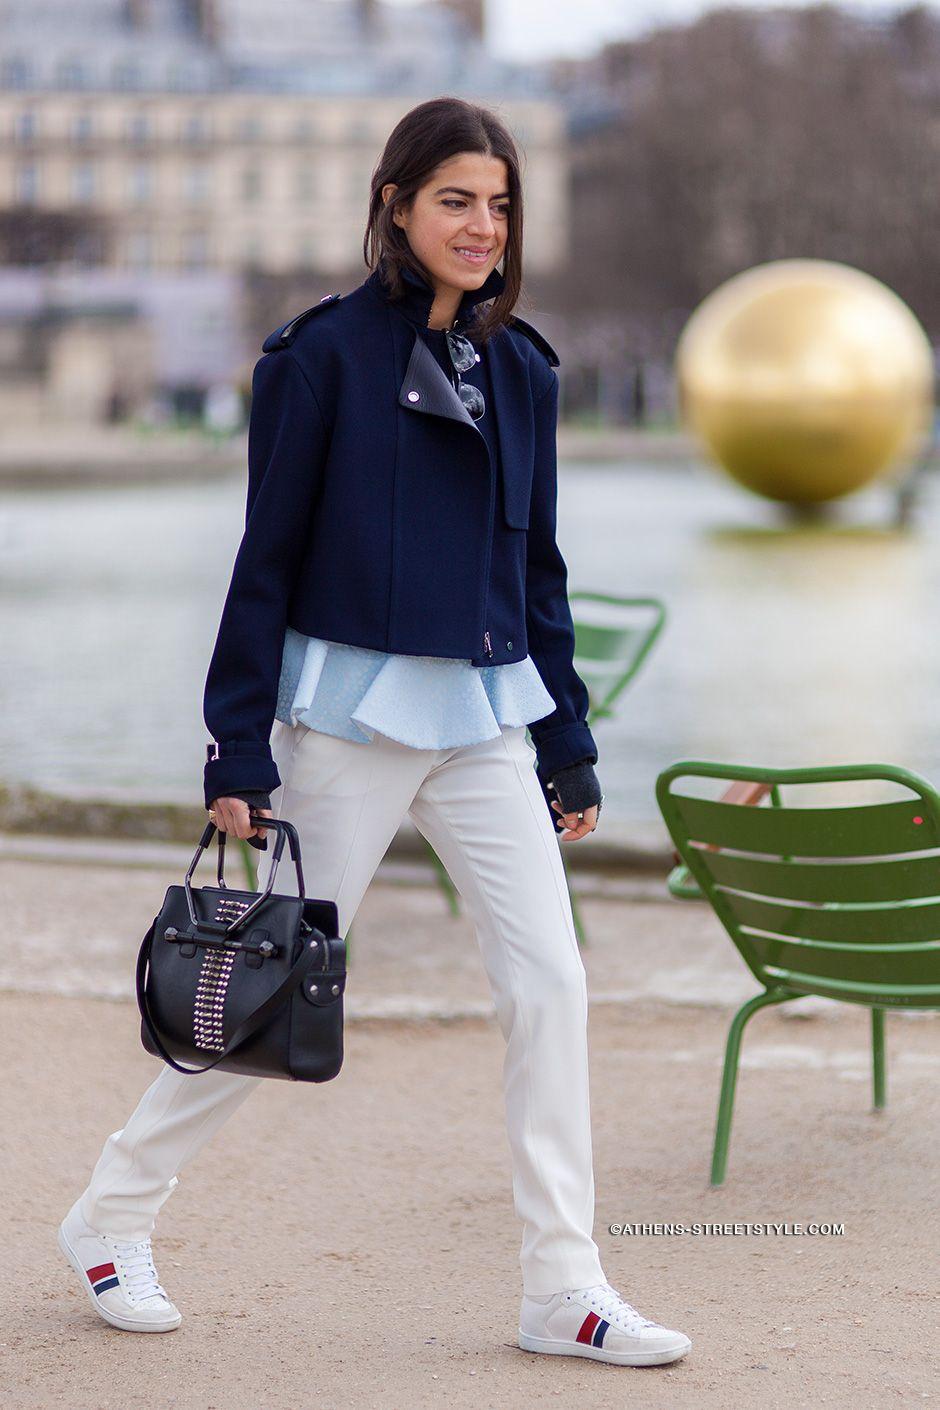 Leandra looking exceedingly cool in Paris. #LeandraMedine #ManRepeller